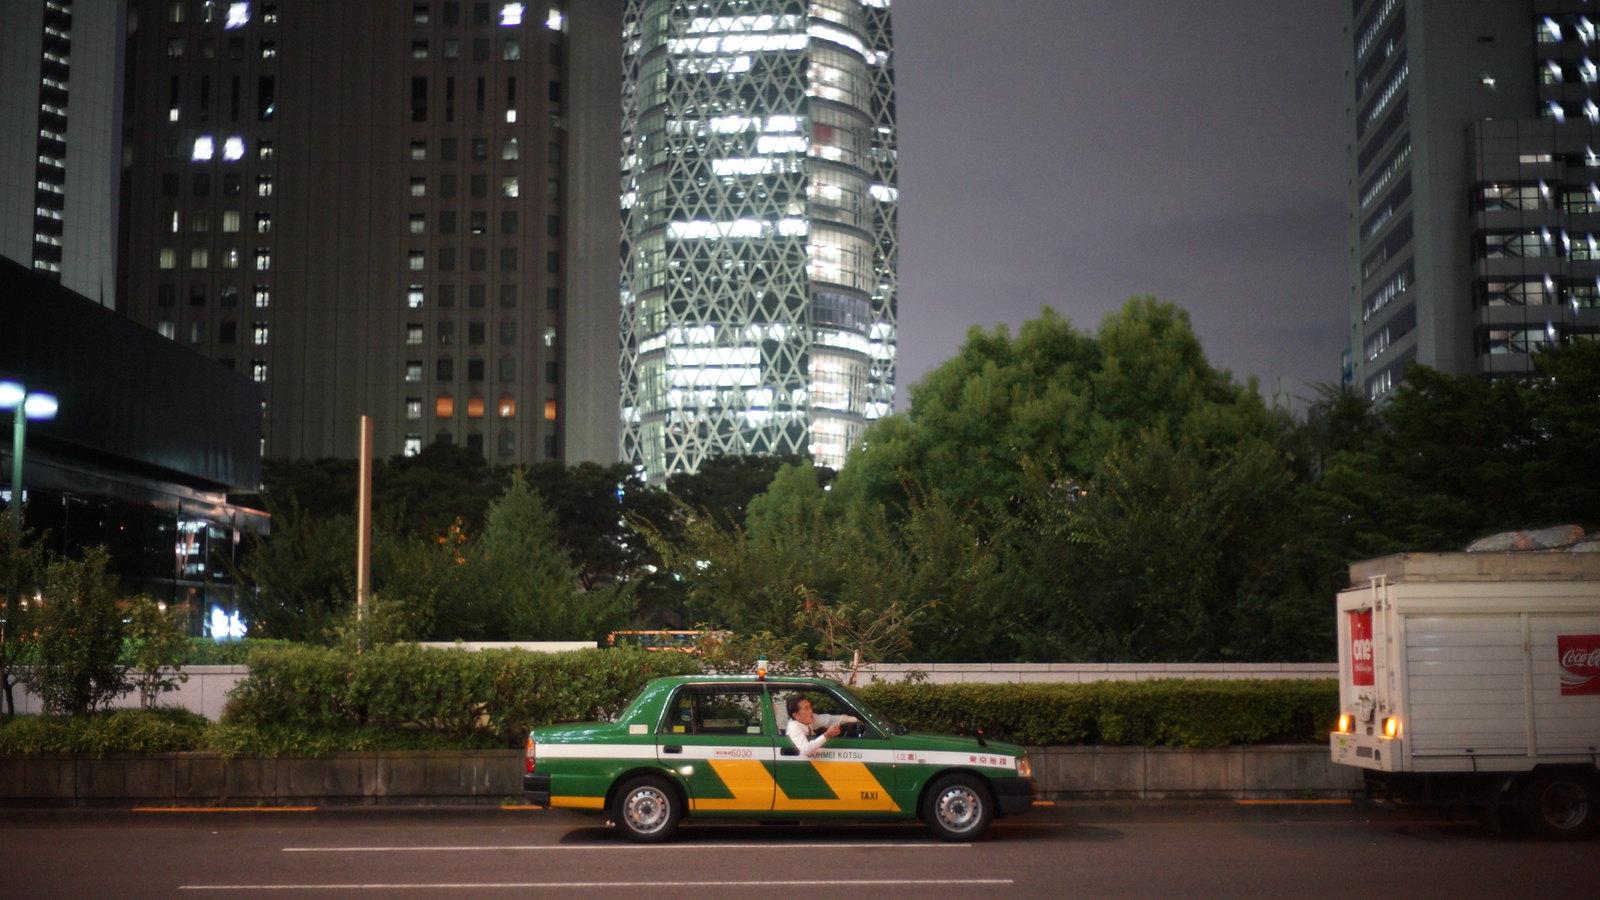 タクシー #foto #Shinjuku #Tokyo #japan15 #SonyA7 #Voigtlander40mm